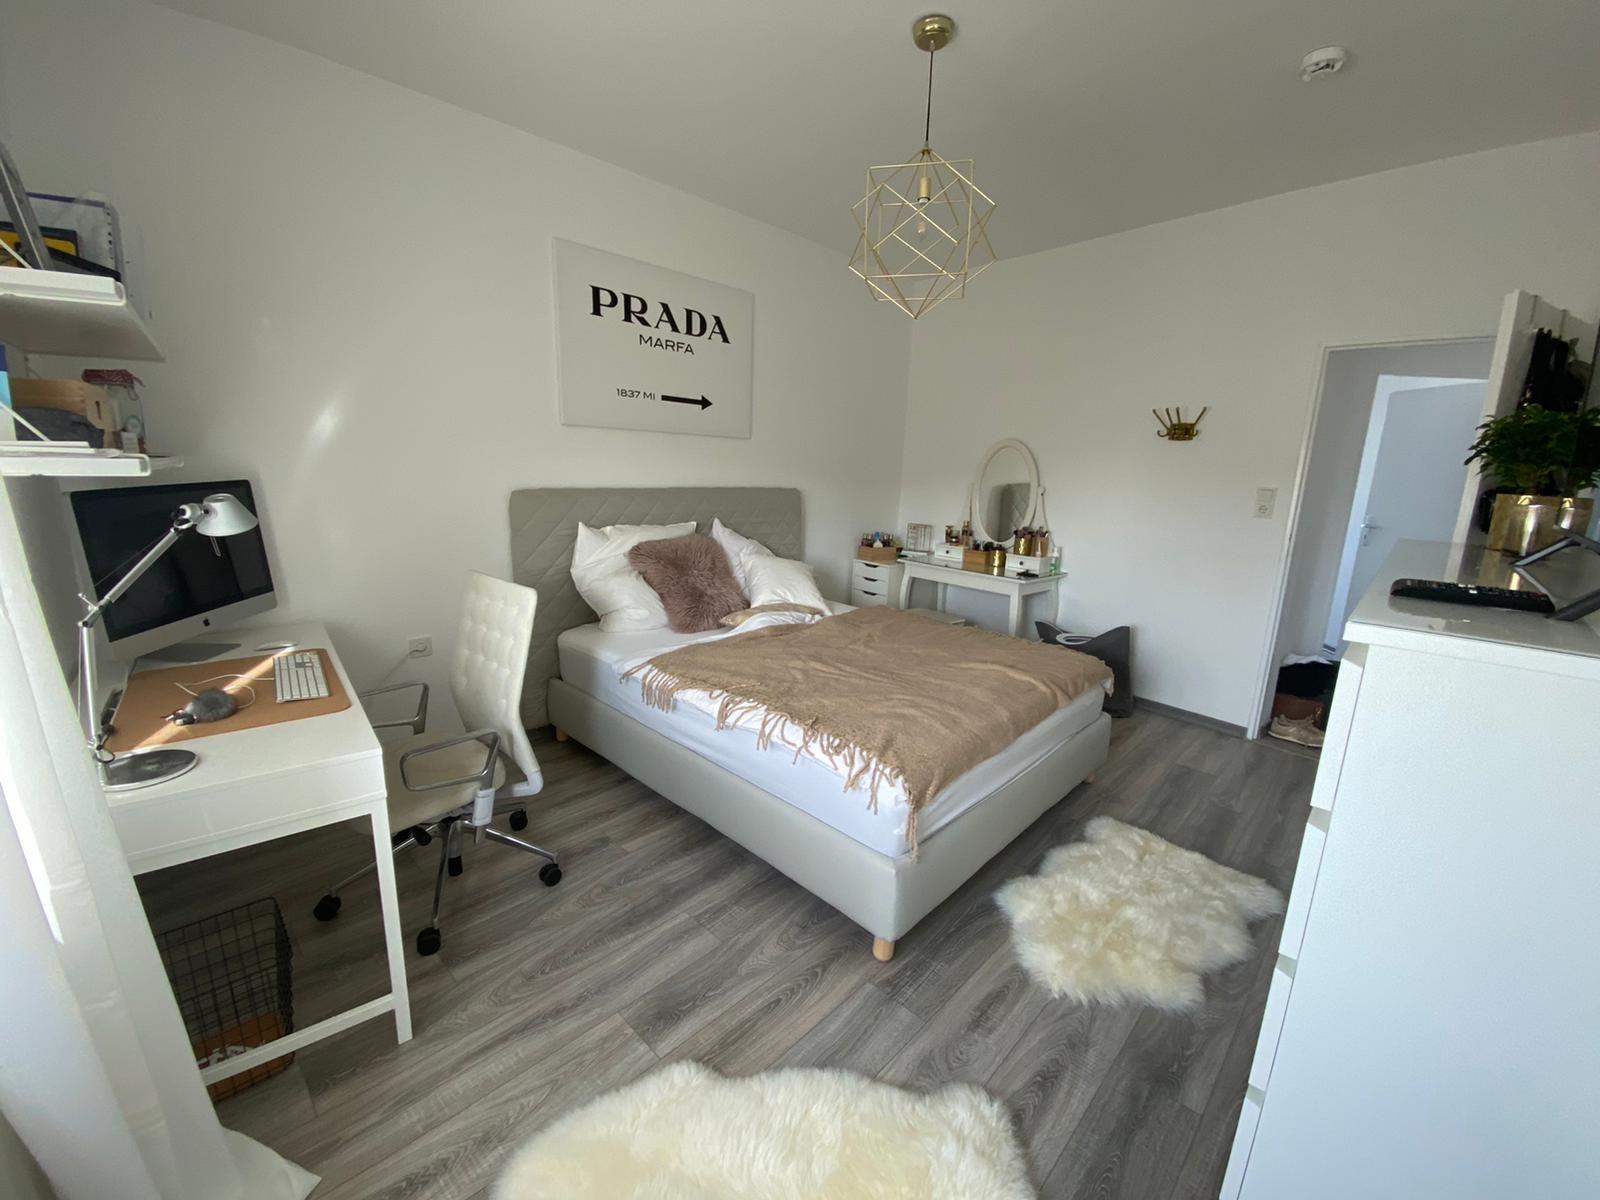 Stilvolles Wg Zimmer Wg Zimmer Einrichten Ideen Zimmer Einrichten Wg Zimmer